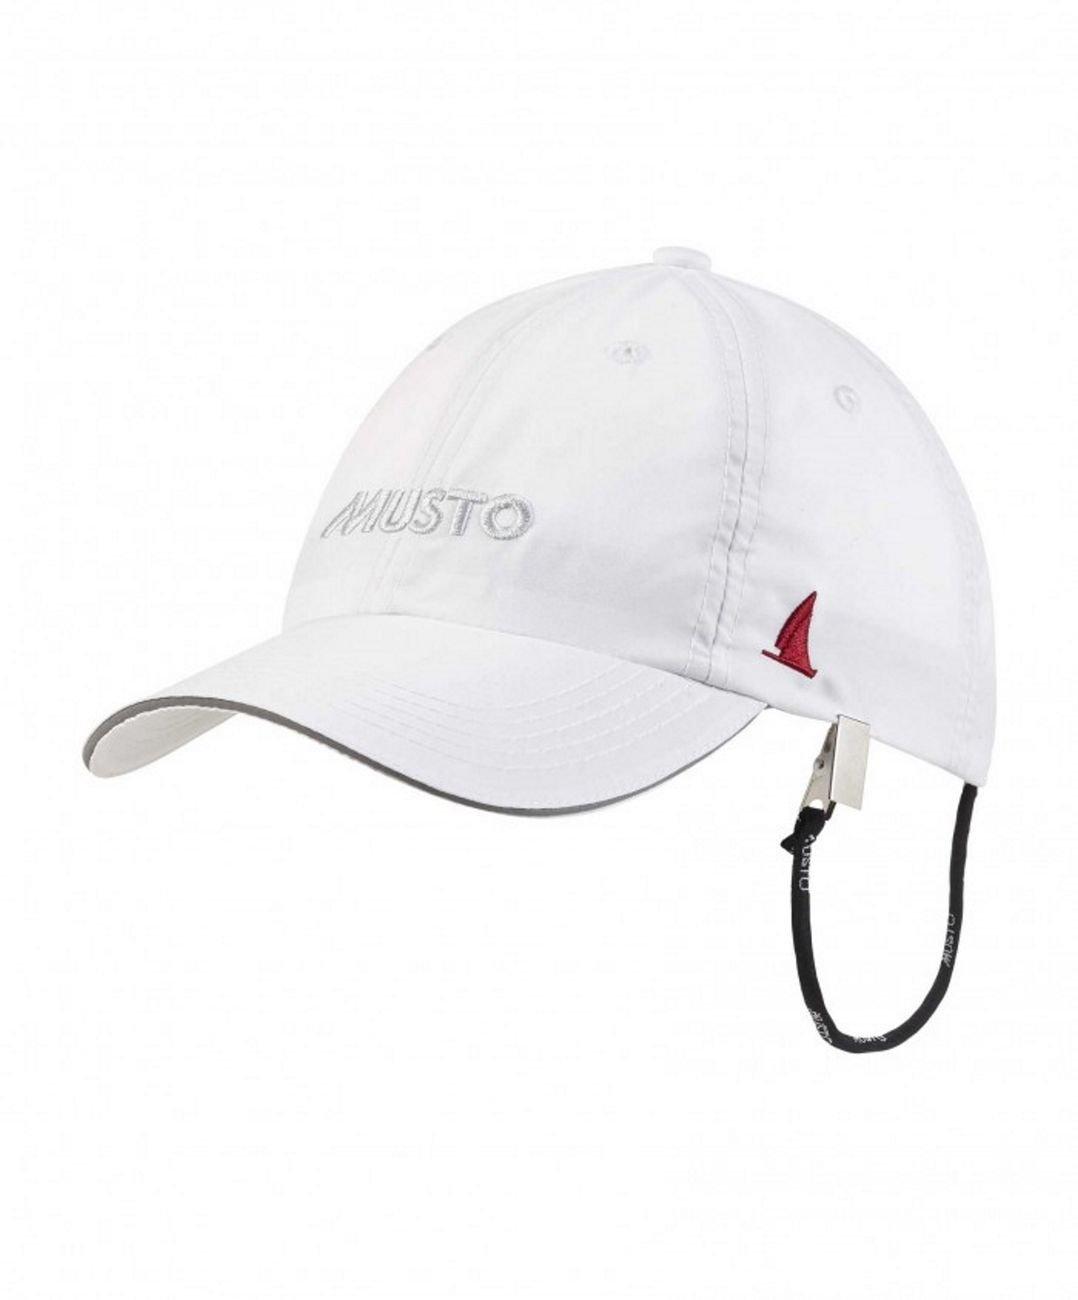 2016 Musto Fast Dry Crew Cap in White AL1390